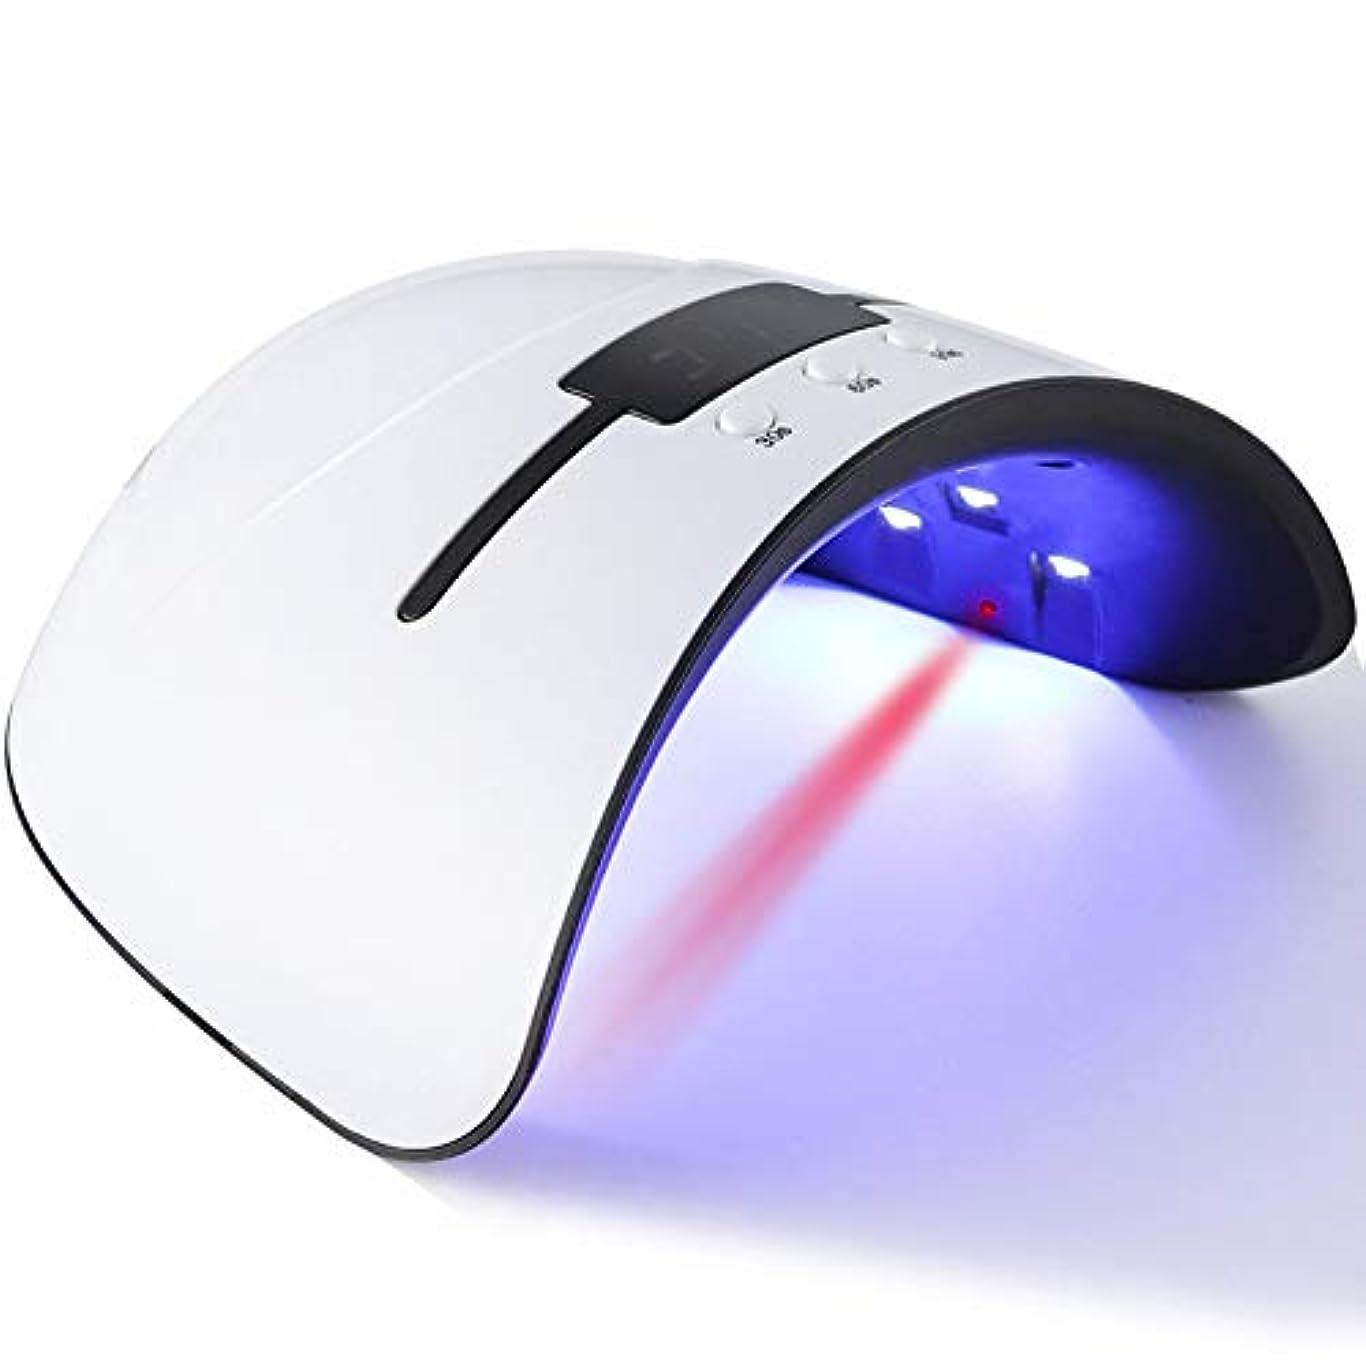 カトリック教徒静けさブラザー硬化ライト ネイルlight ジェルネイル LED ネイルドライヤー 日本語説明書付属 36W 無痛硬化 赤外線検知